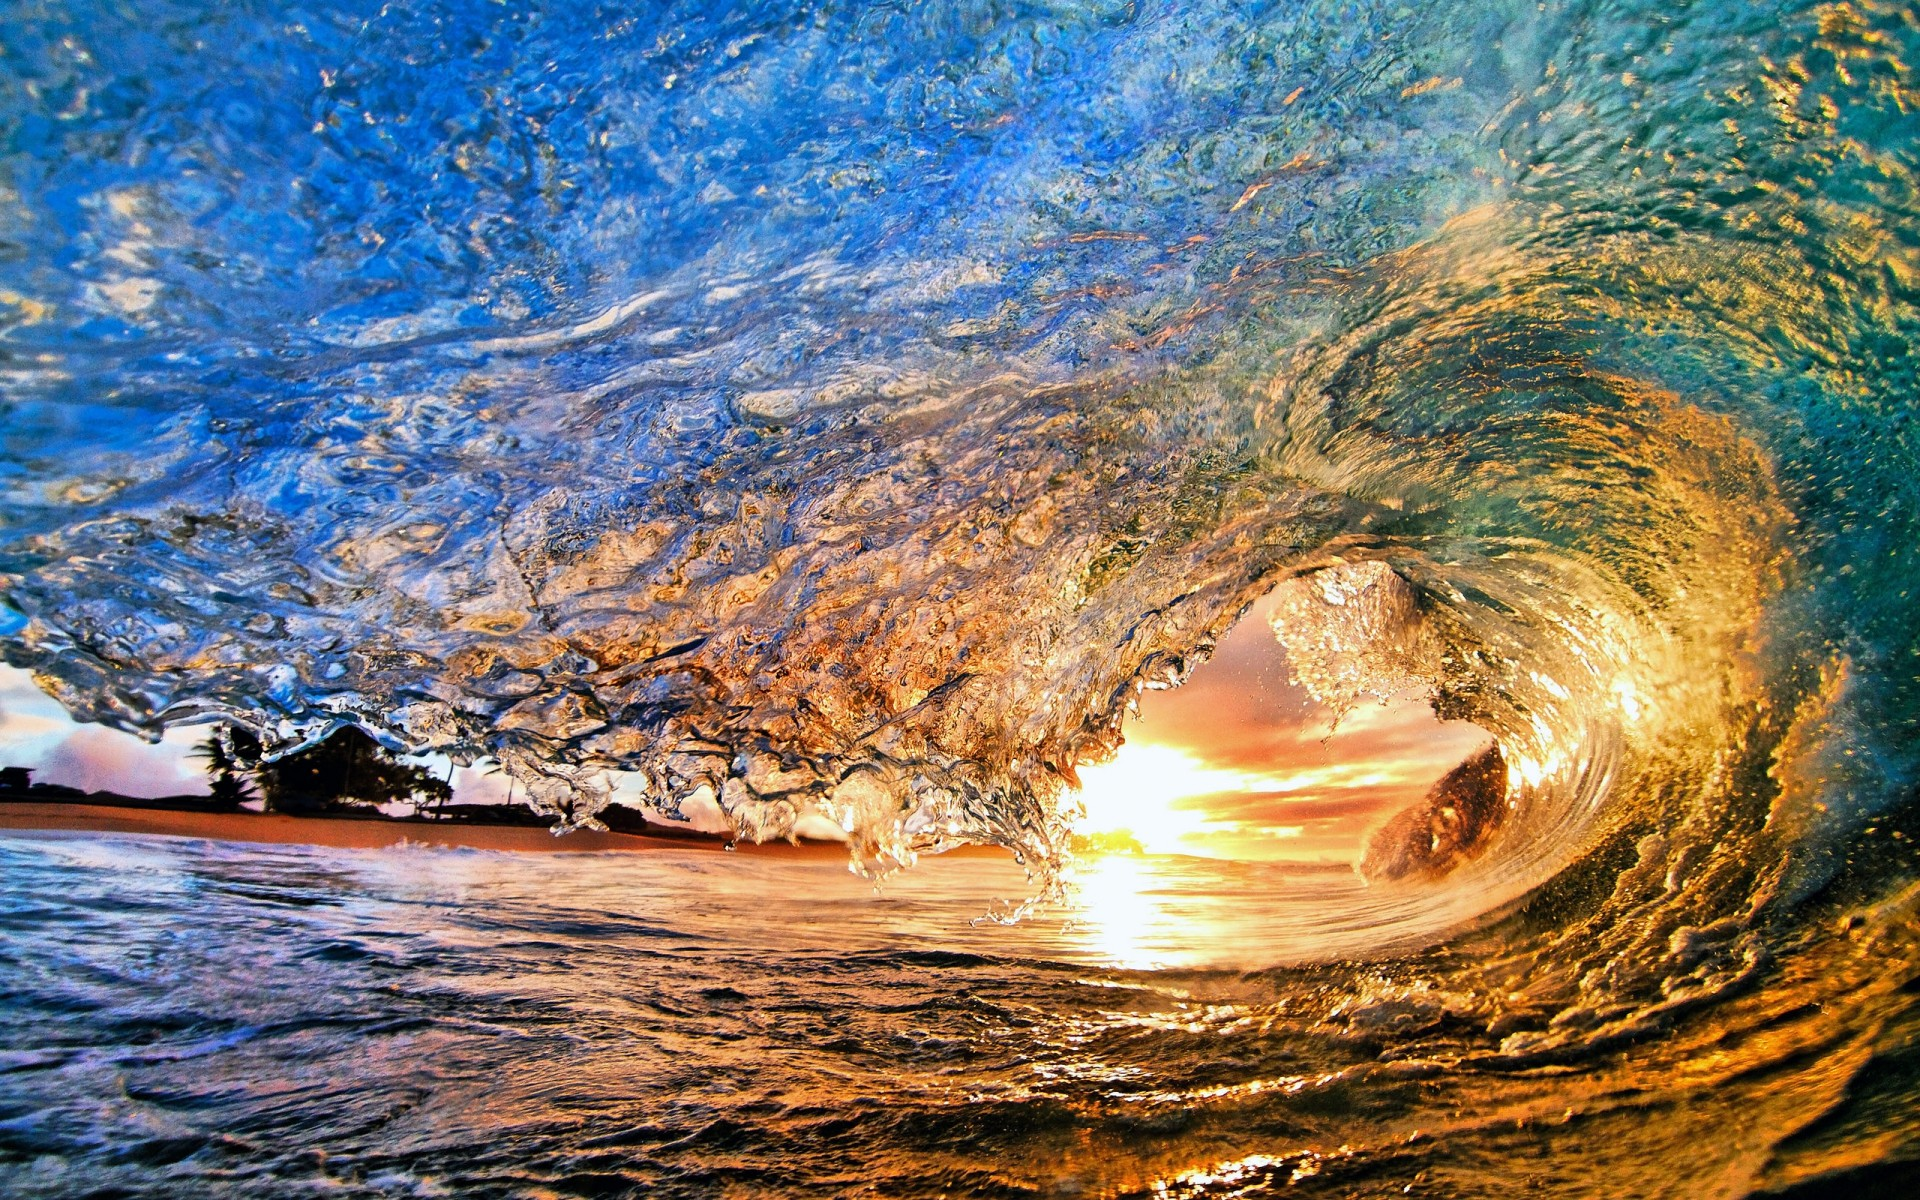 Best Ocean Wave Wallpaper For Desktop